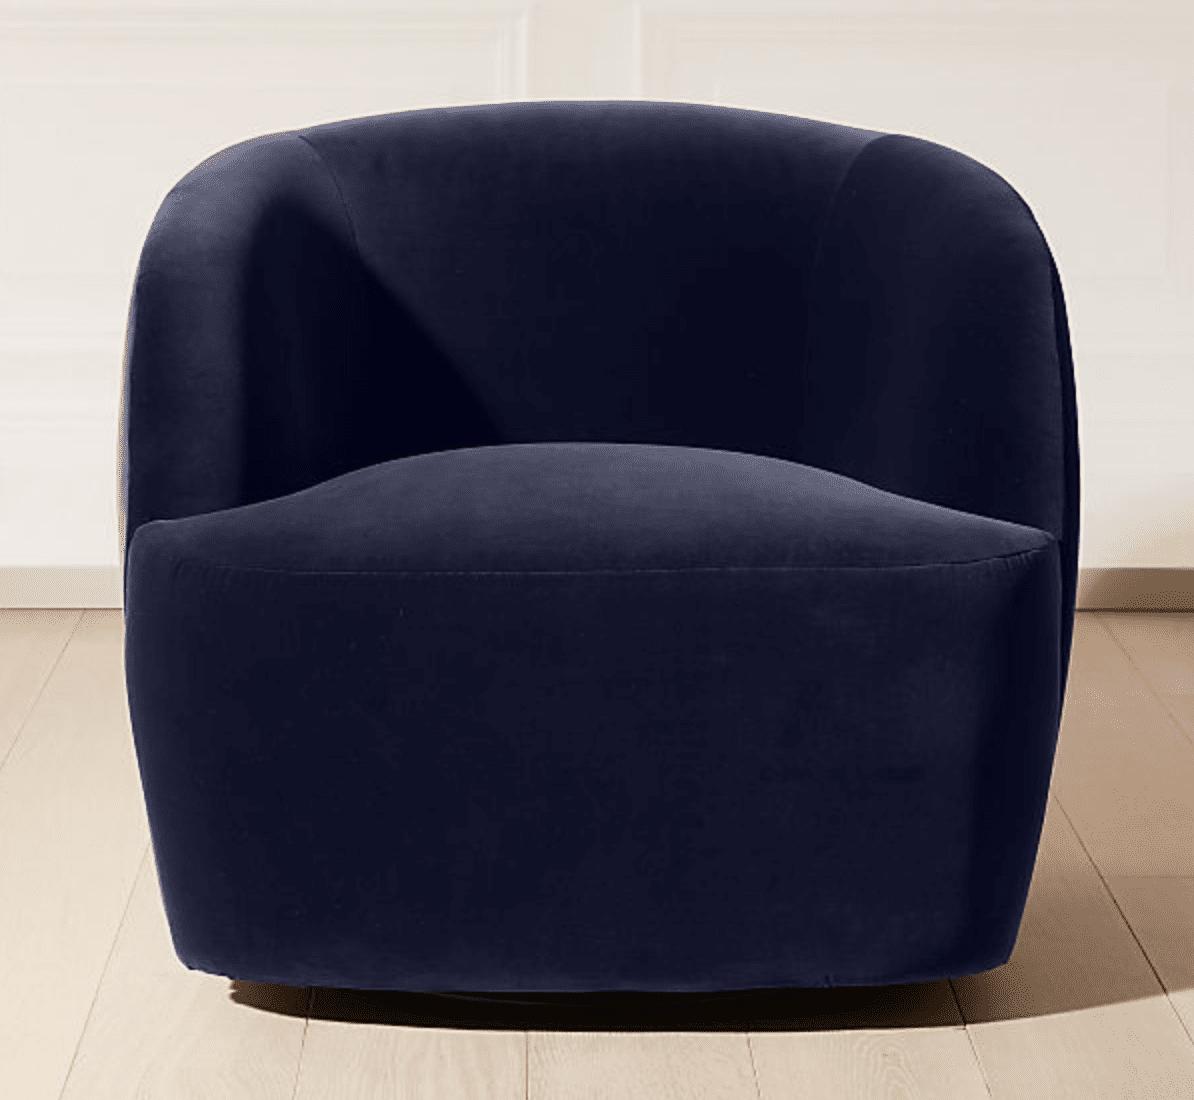 silla azul marino